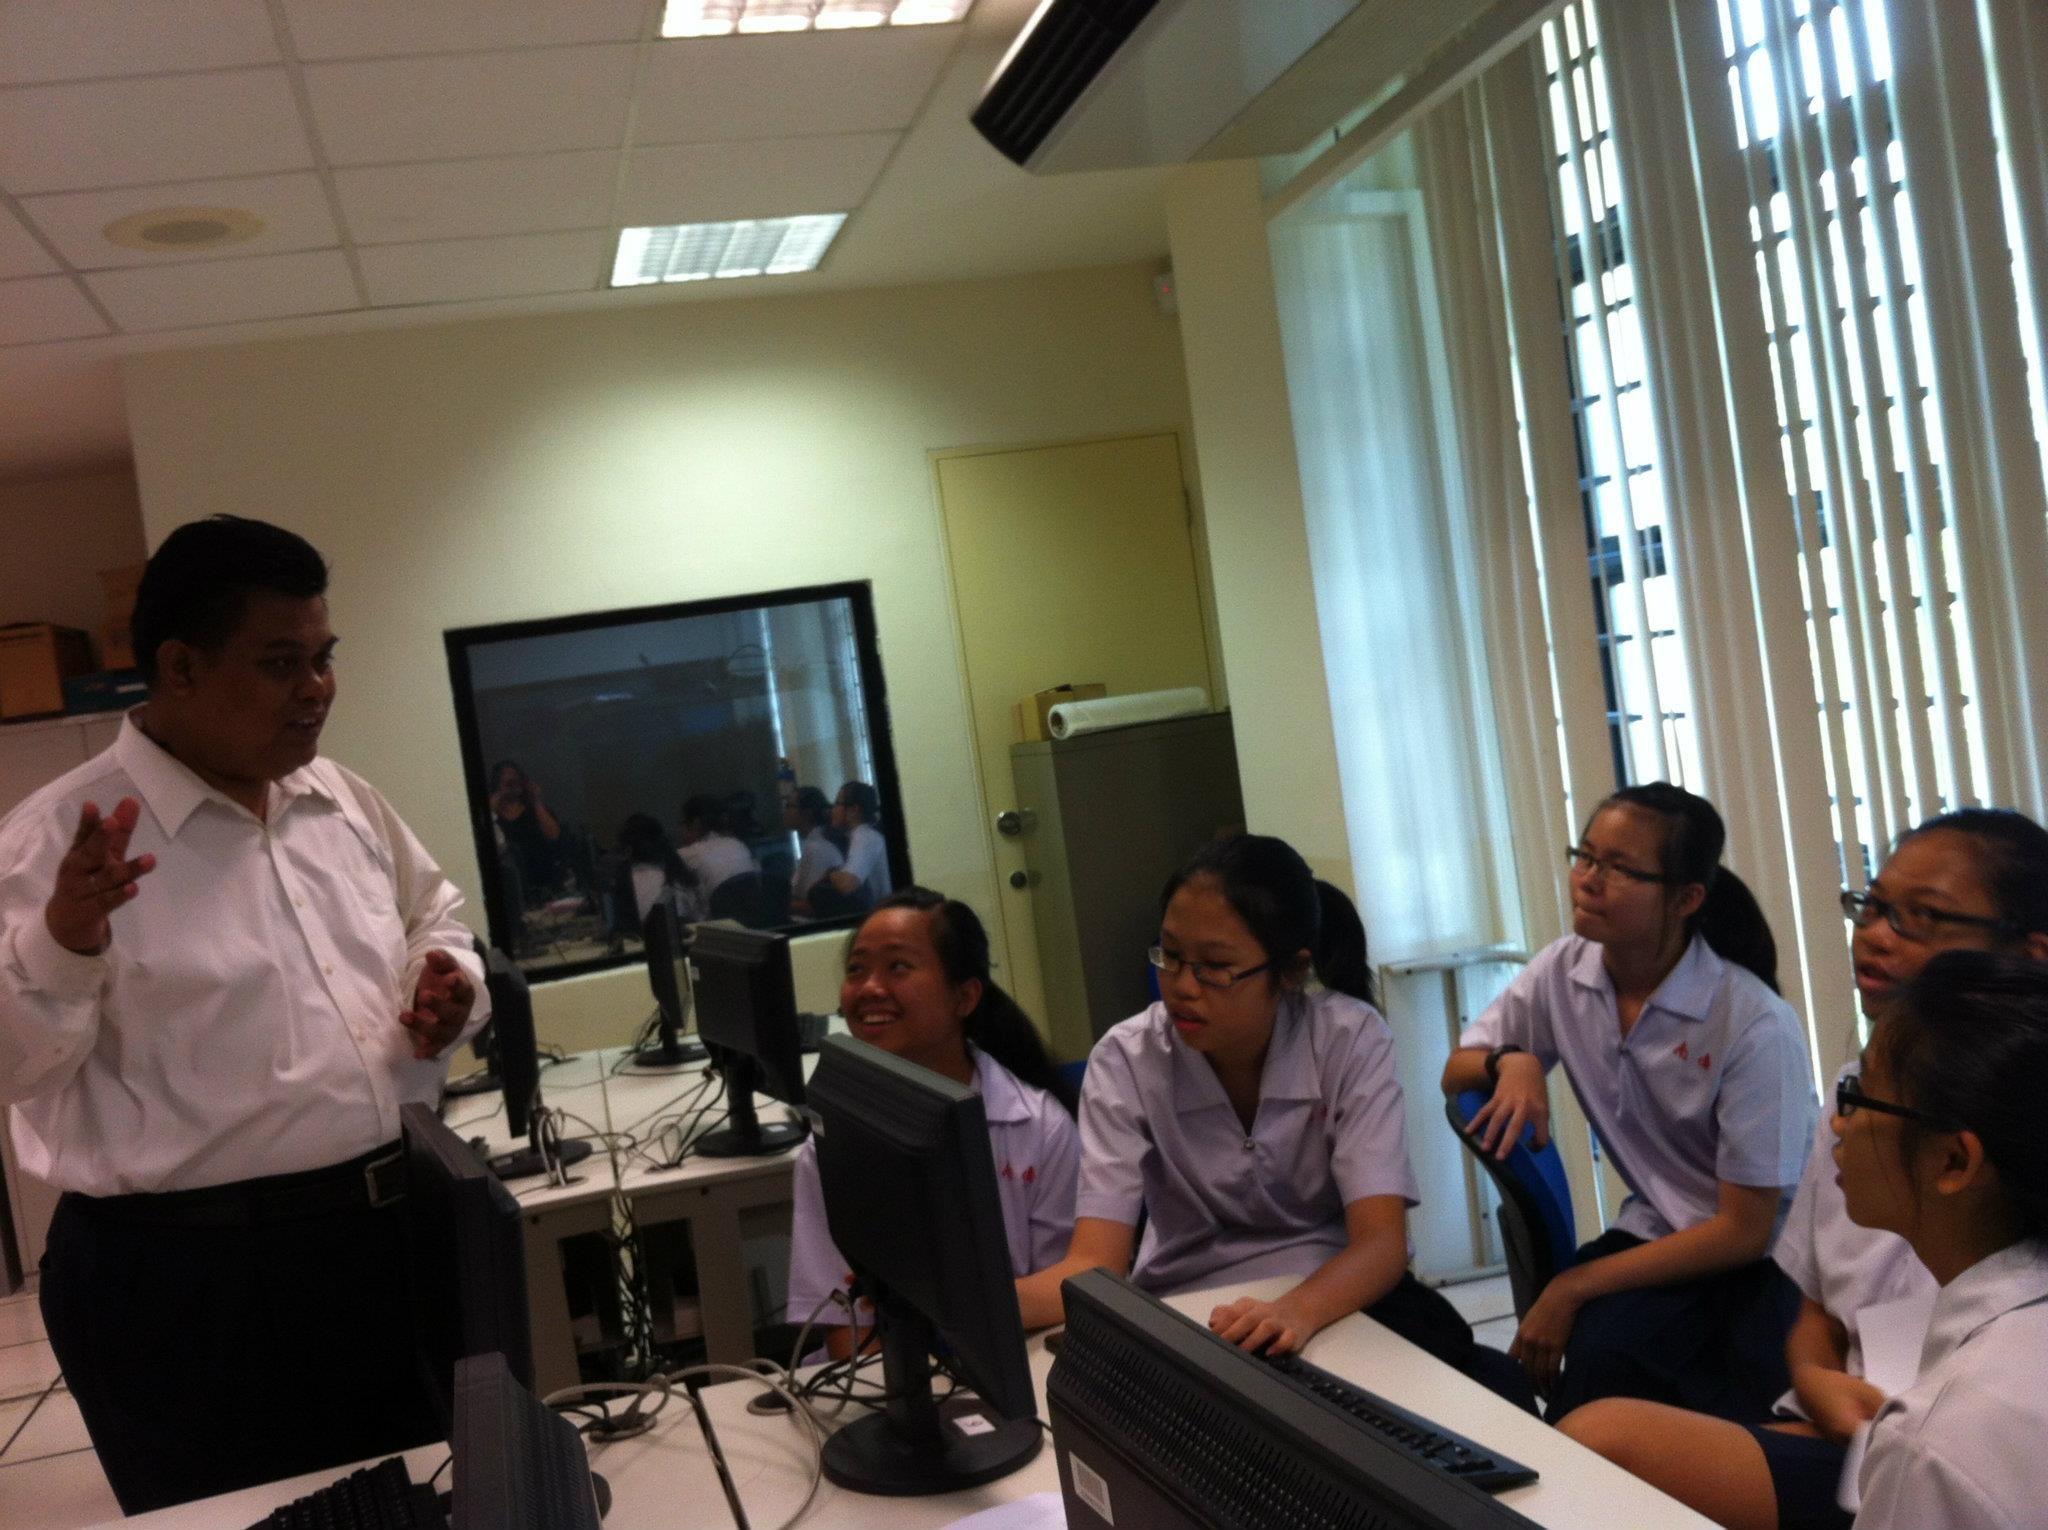 Teaching Teens On Presentation Skills